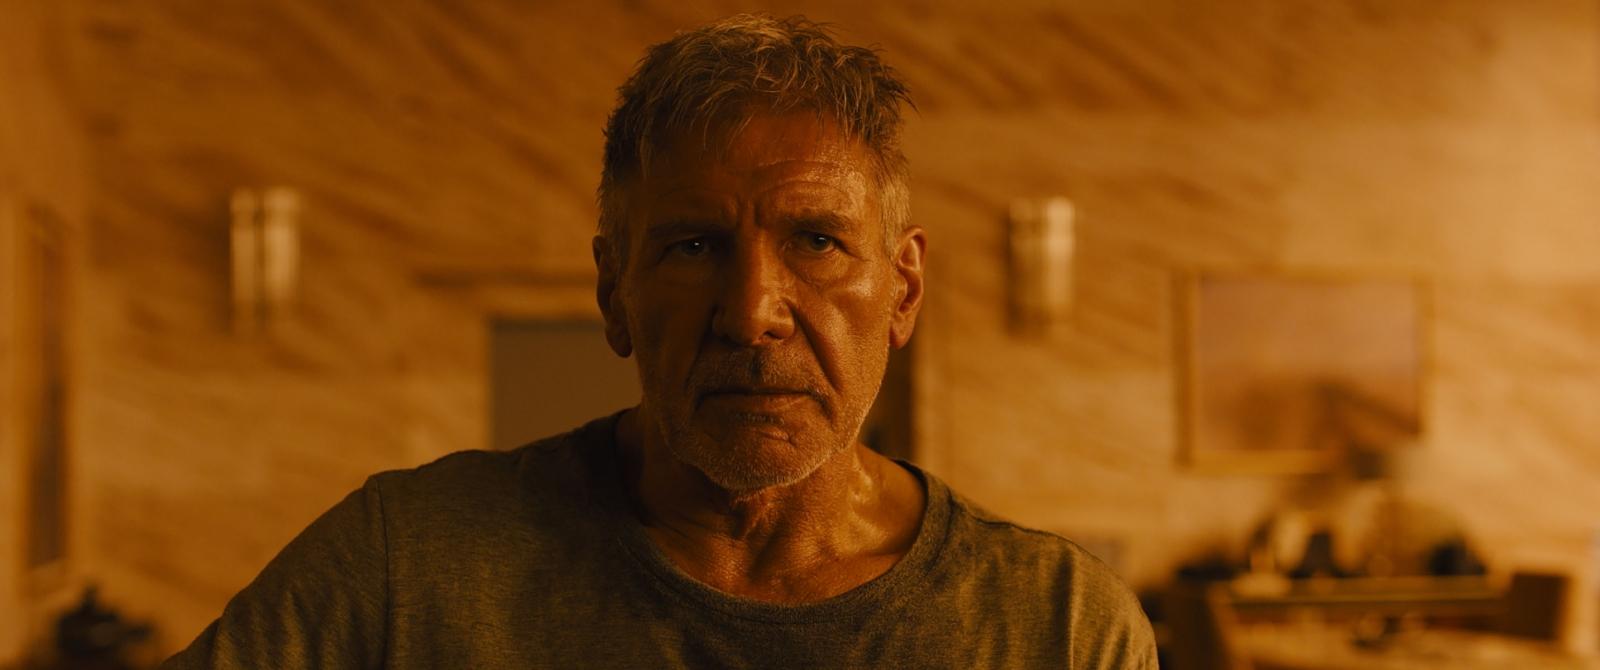 Harrison Ford in Blade Runner 2049